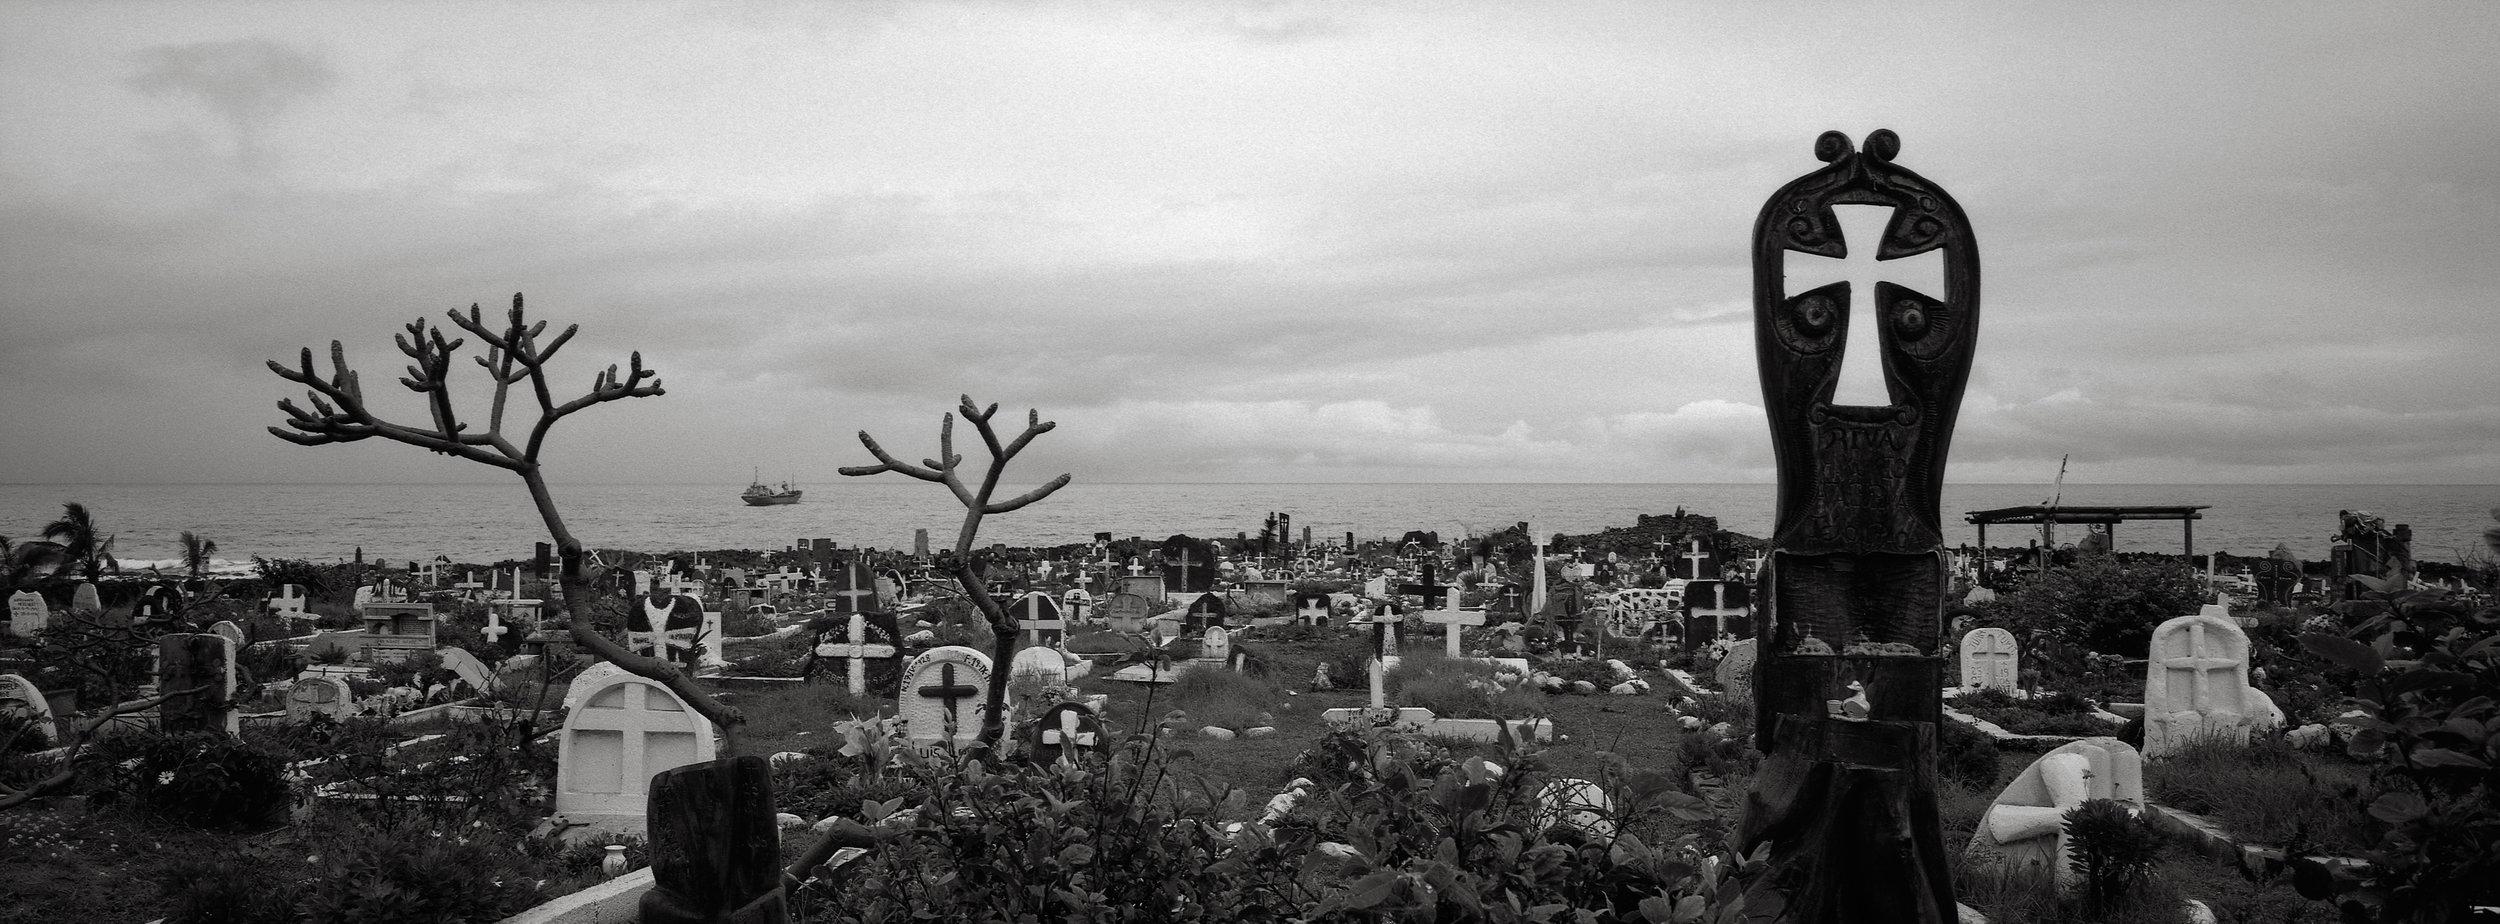 Cemetery, Hanga Roa, Easter Island